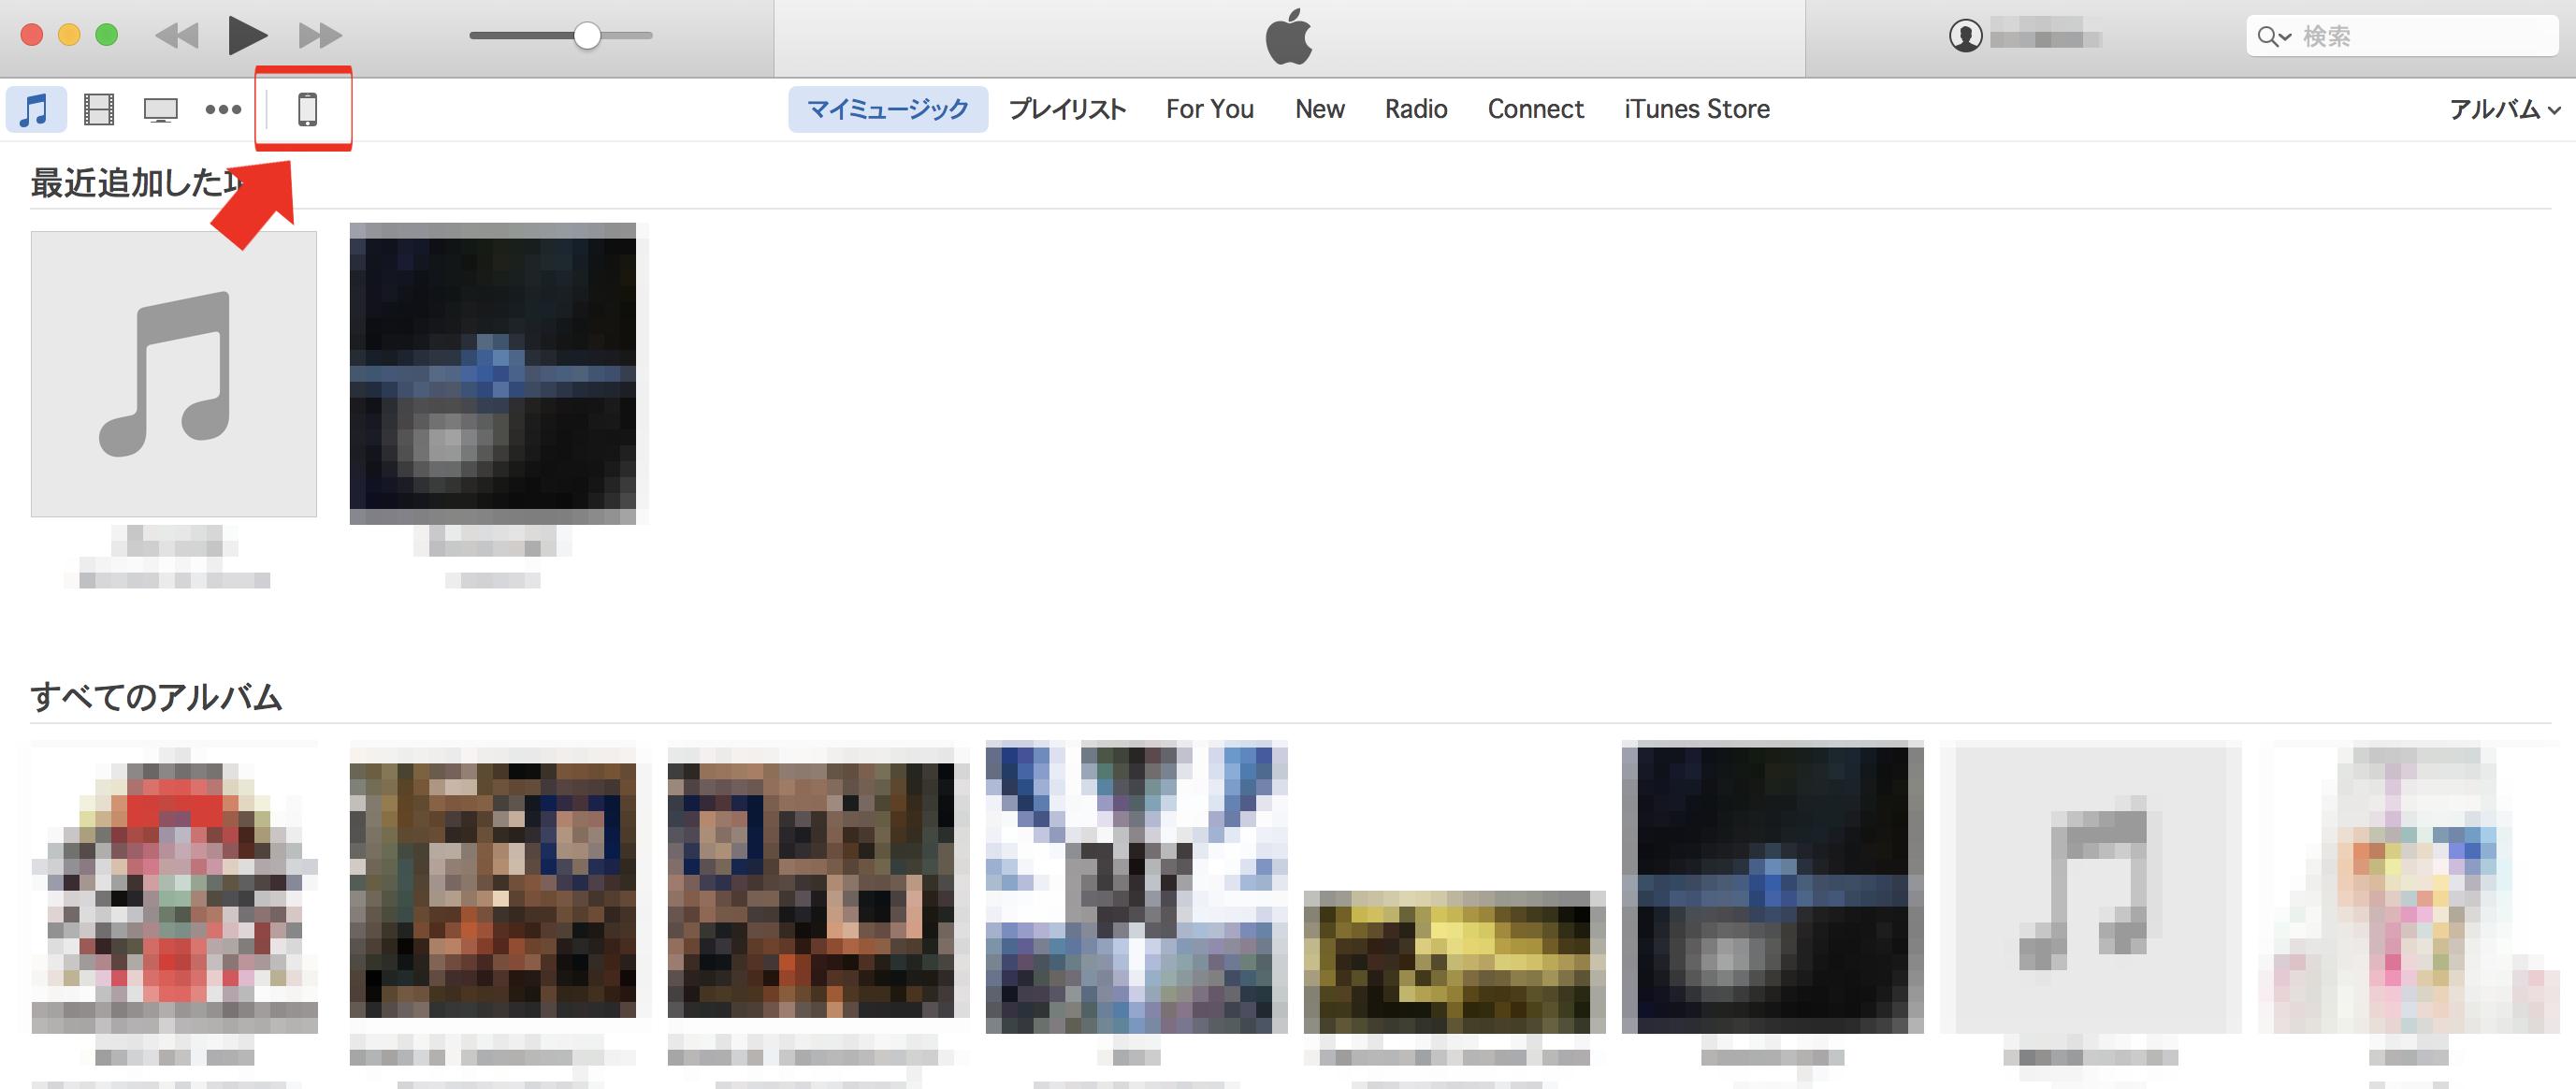 iTunesでのシリアル番号確認